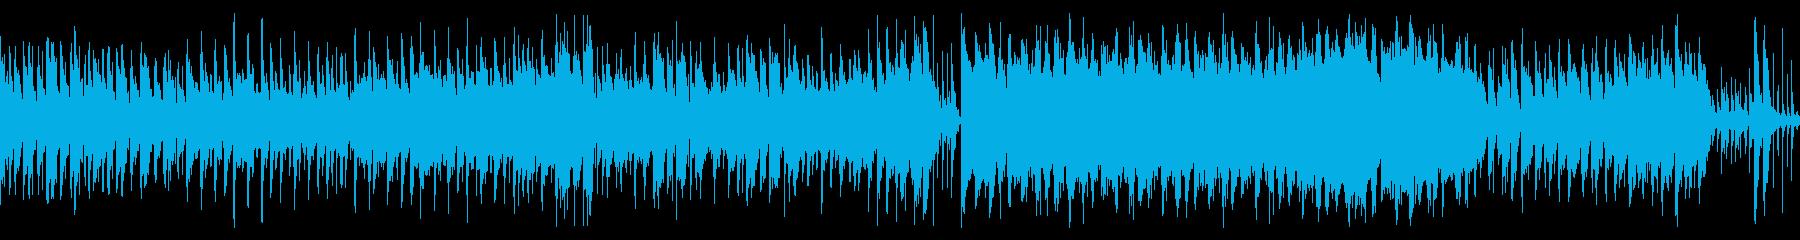 平原をイメージしたインストの再生済みの波形